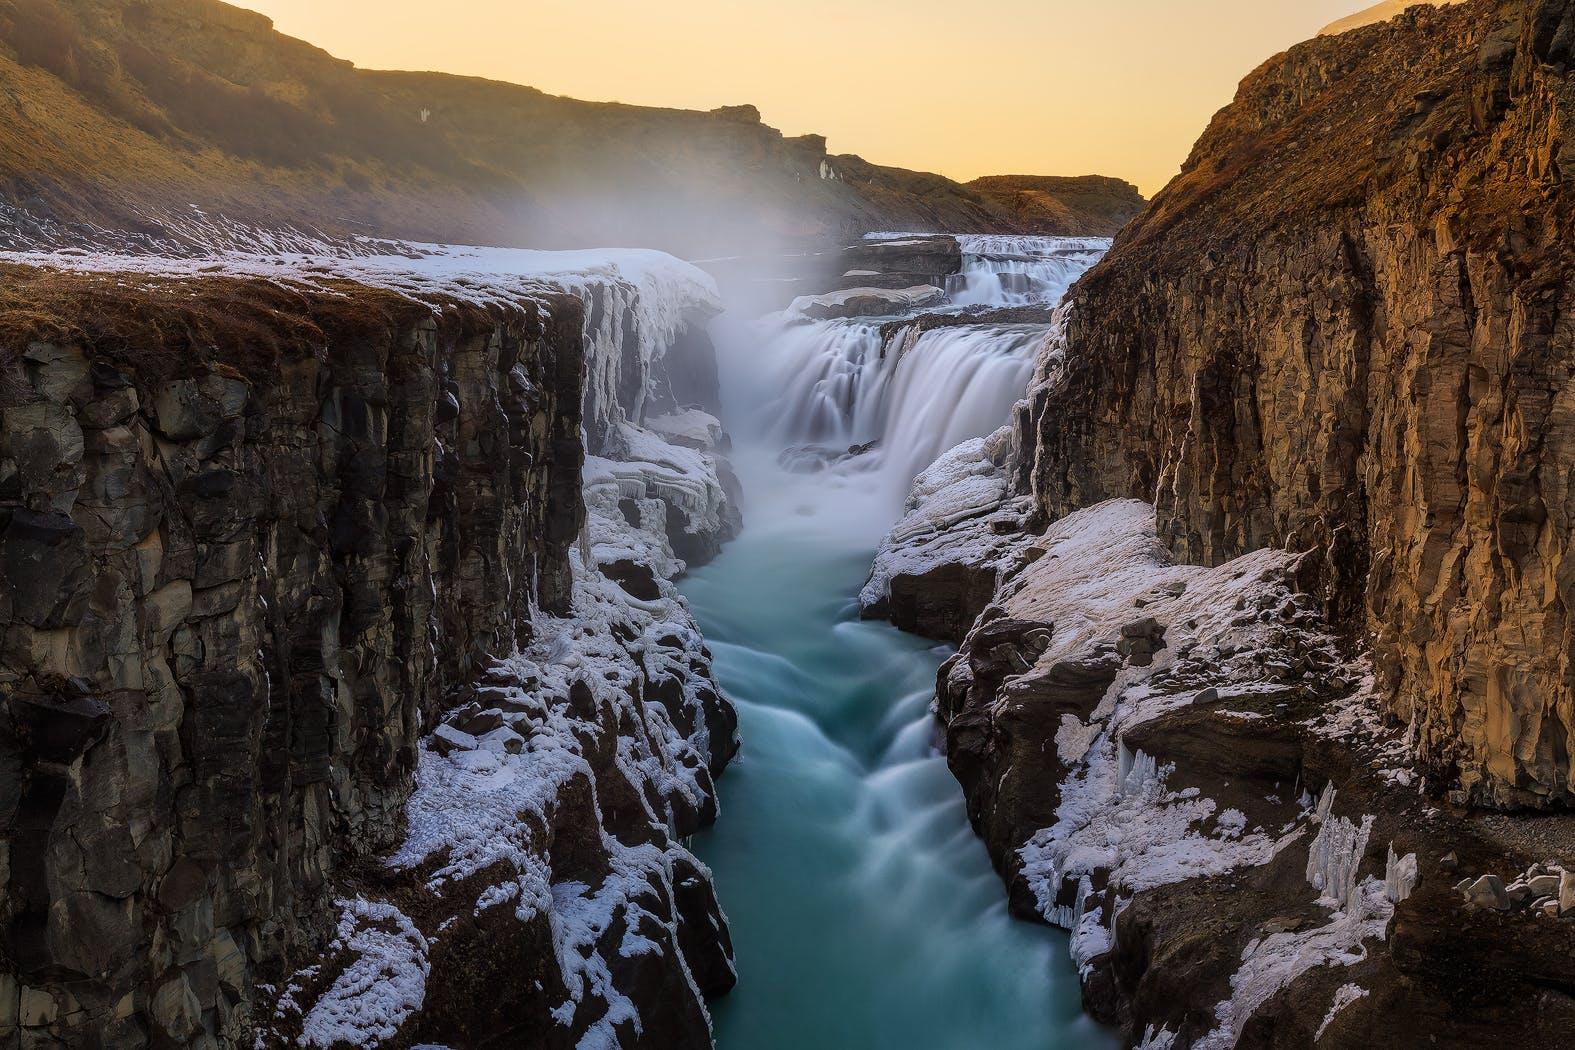 Der Gullfoss-Wasserfall macht ein Drittel der berühmten Golden Circle-Touristenroute aus.